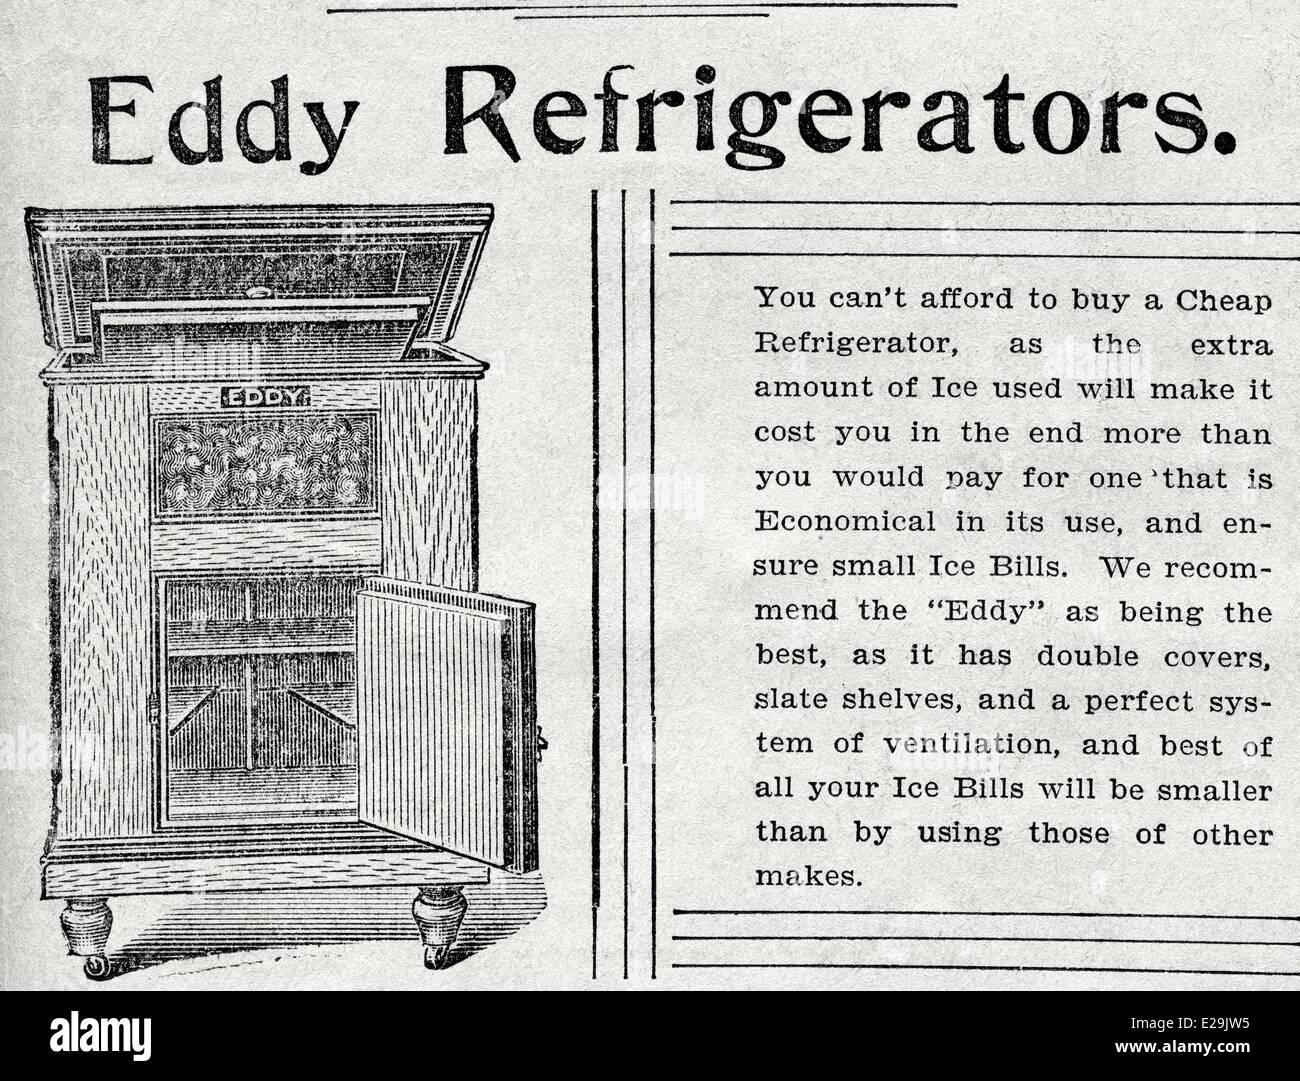 worcester evening gazette 15 jun 1898 eddy refrigerator. Black Bedroom Furniture Sets. Home Design Ideas